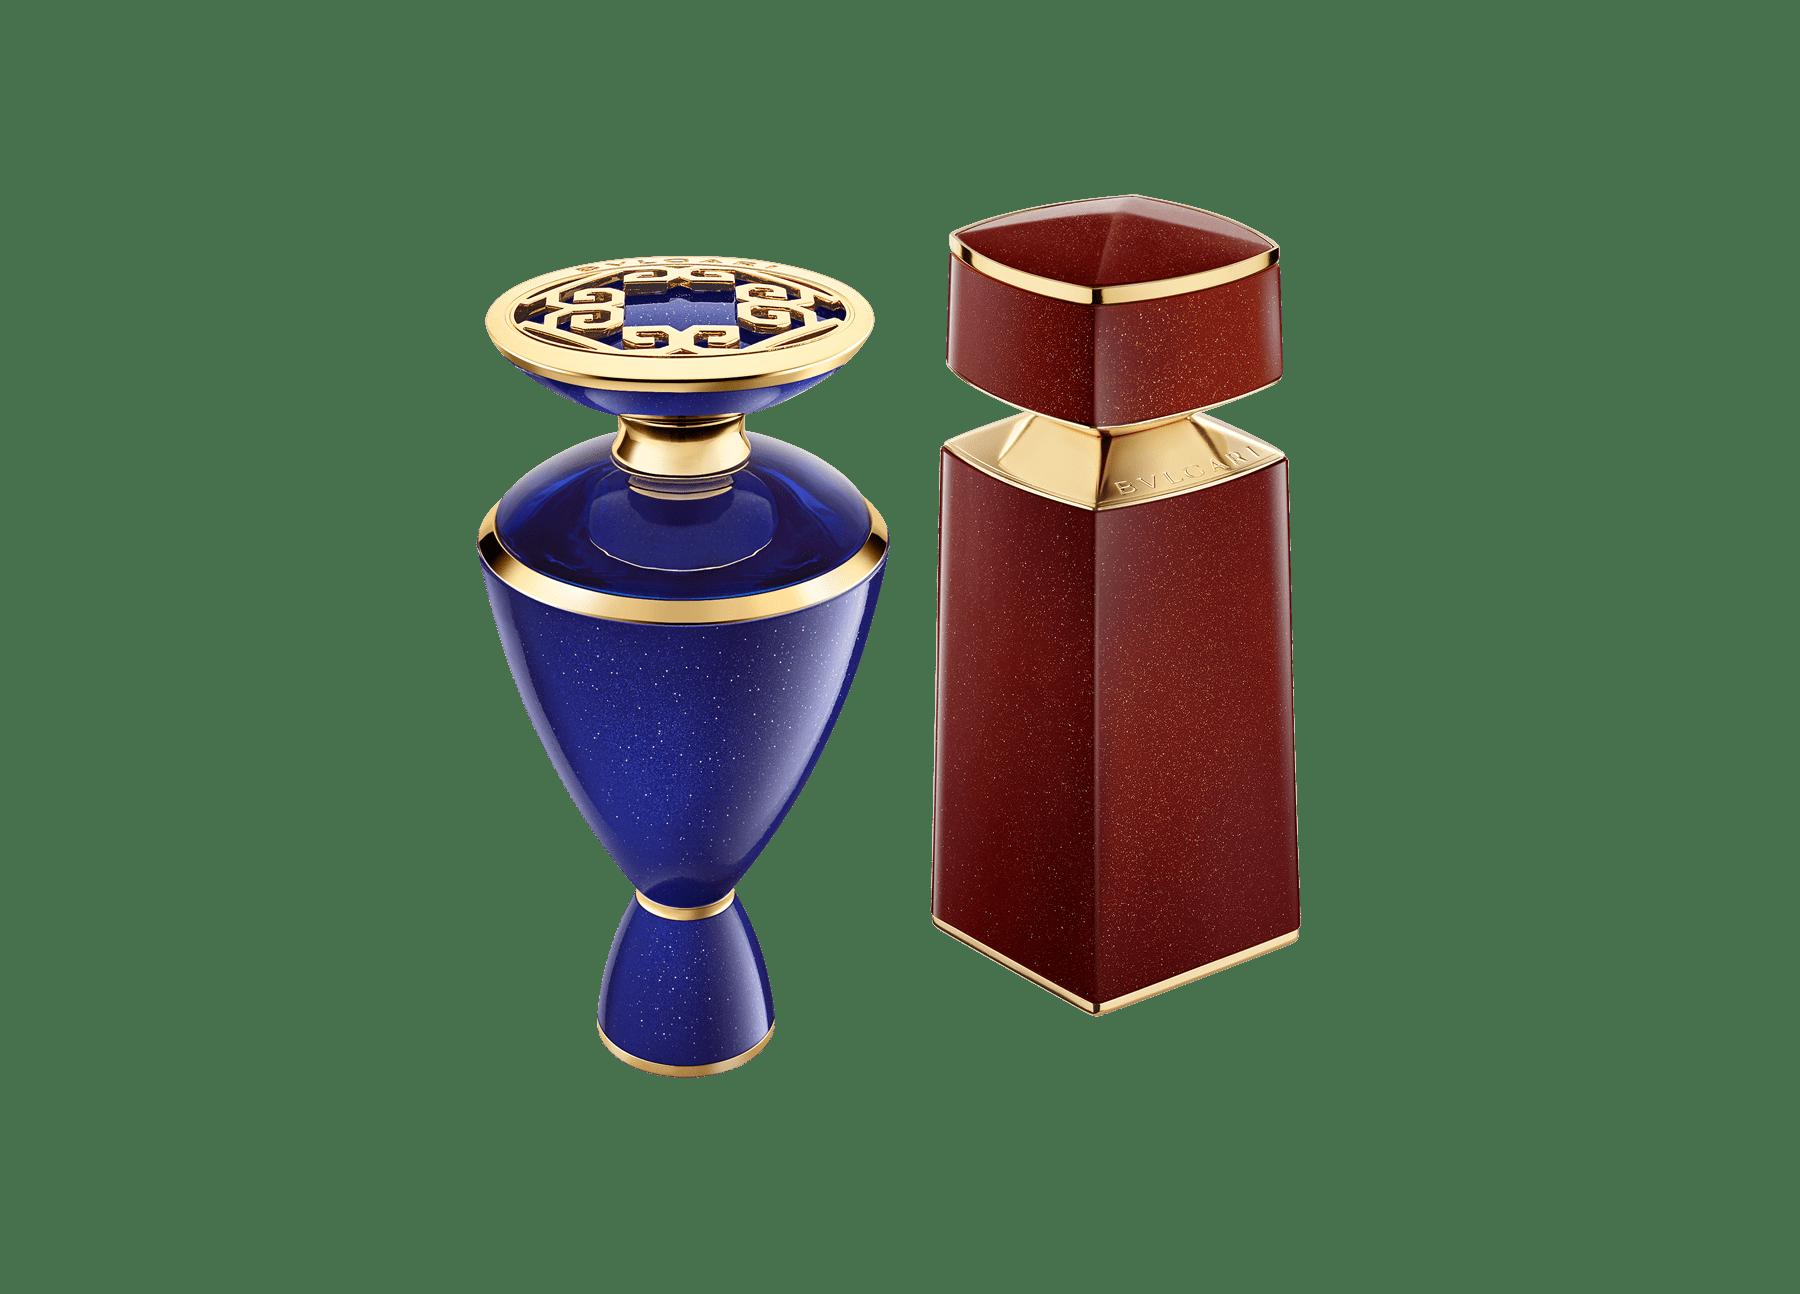 兩種大自然寶藏的邂逅,璀璨東菱石和和珍貴番紅花香料迸出火花,誕生出迷人的全新男女香氛。 41507 image 1